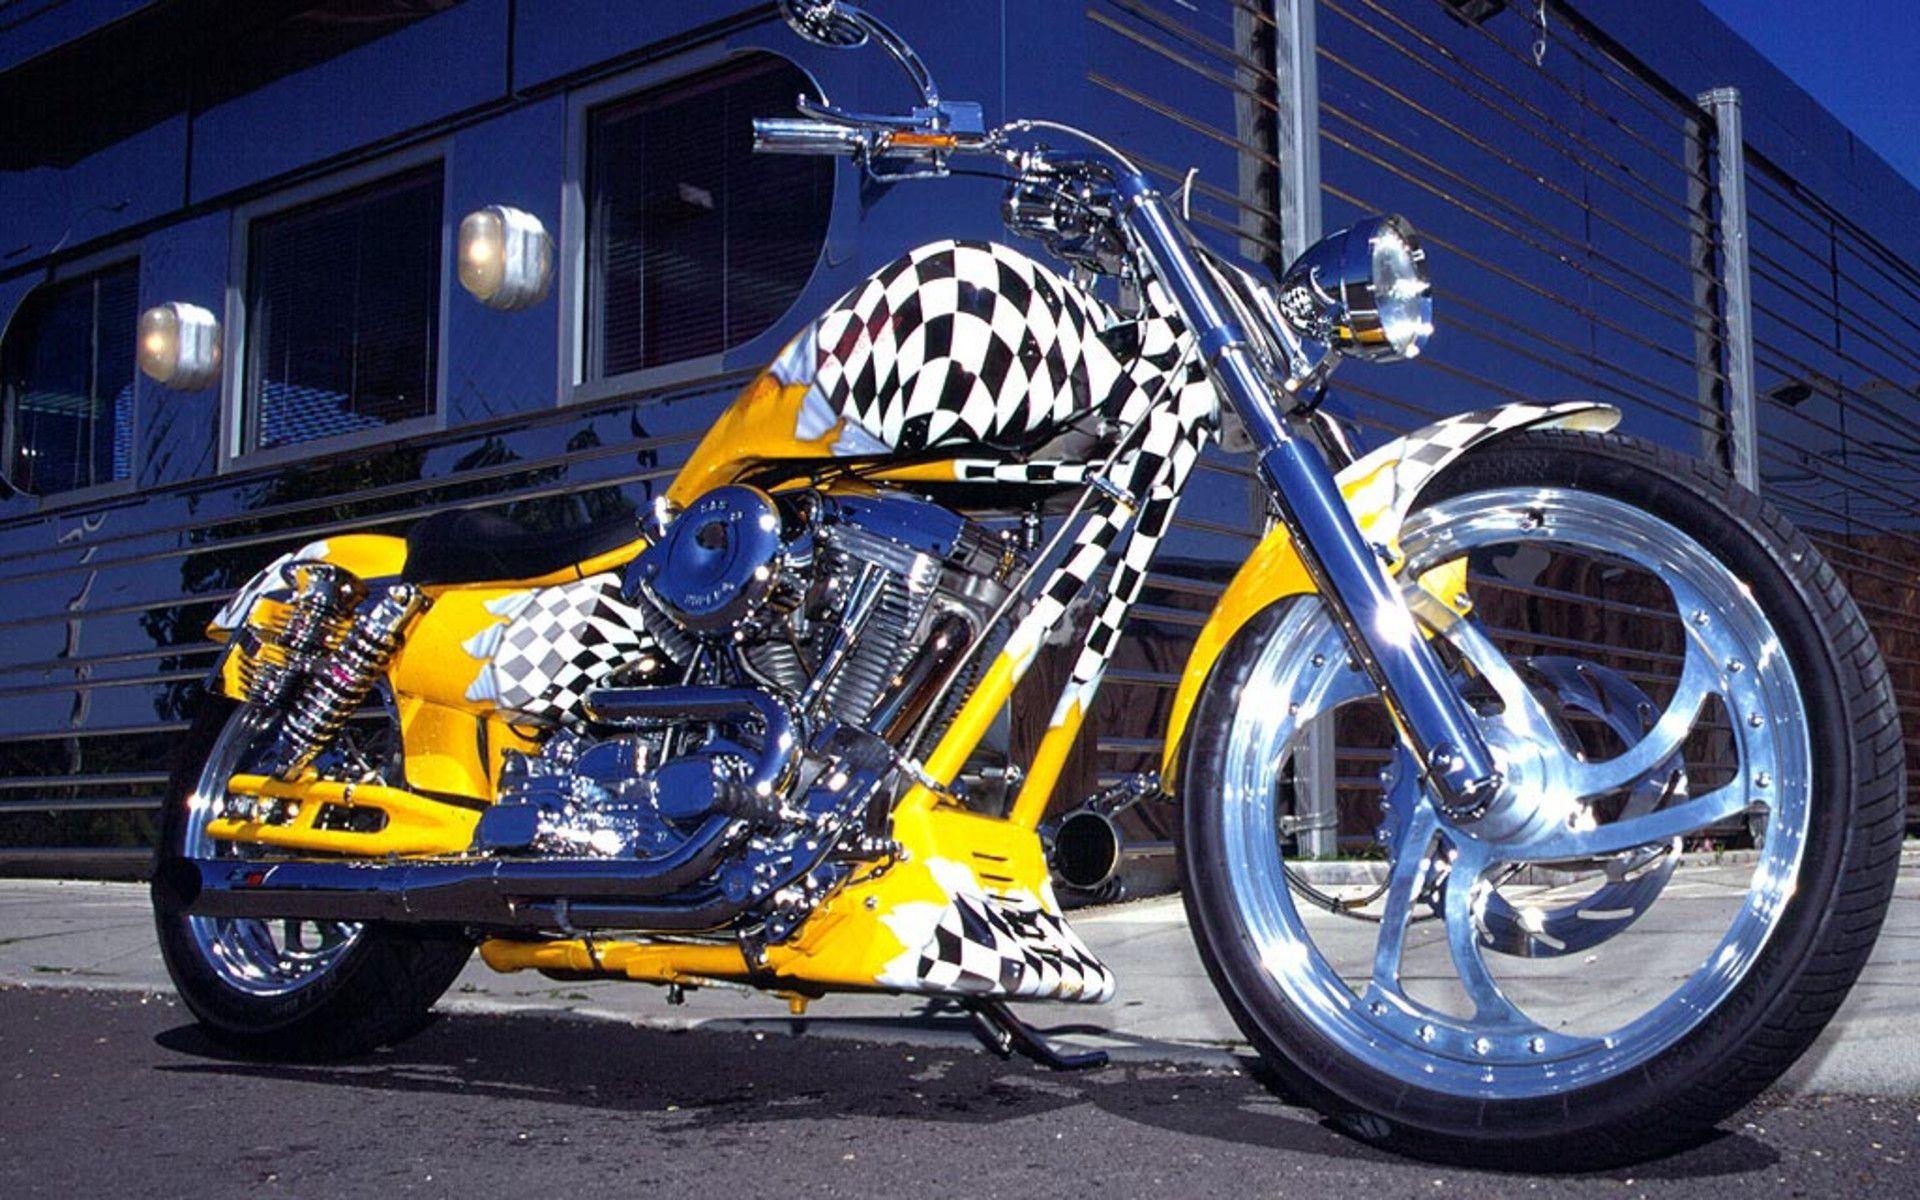 Free Harley Davidson Motorcycle Pictures Harley Davidson